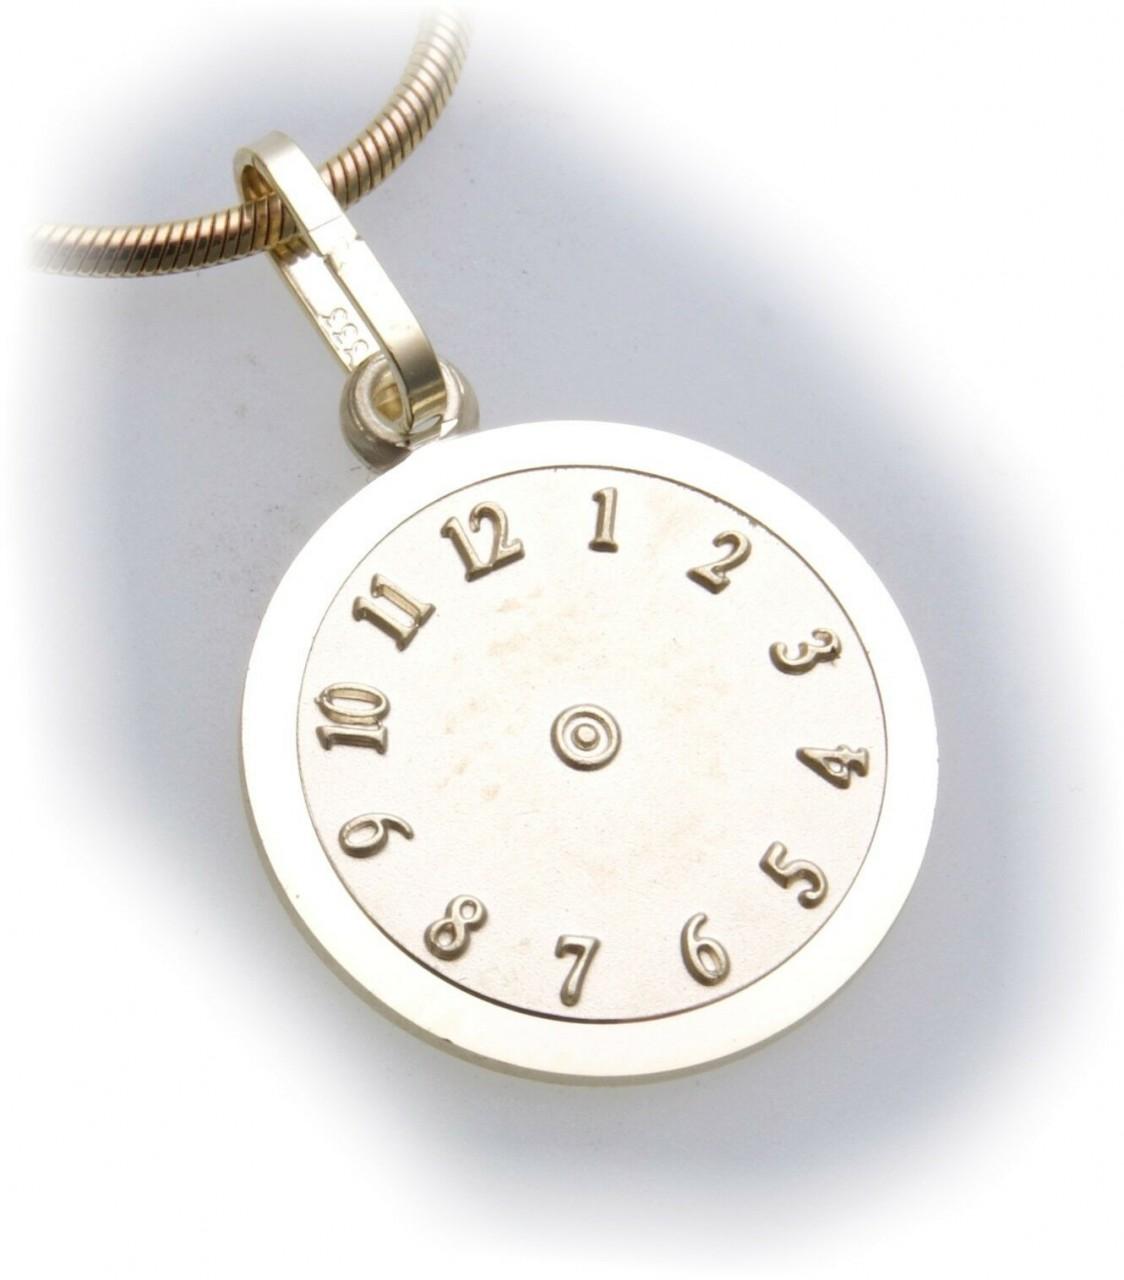 Anhänger Taufuhr echt Gold 333 Taufe Gelbgold Kinder Tauf Uhr inkl. Gravur